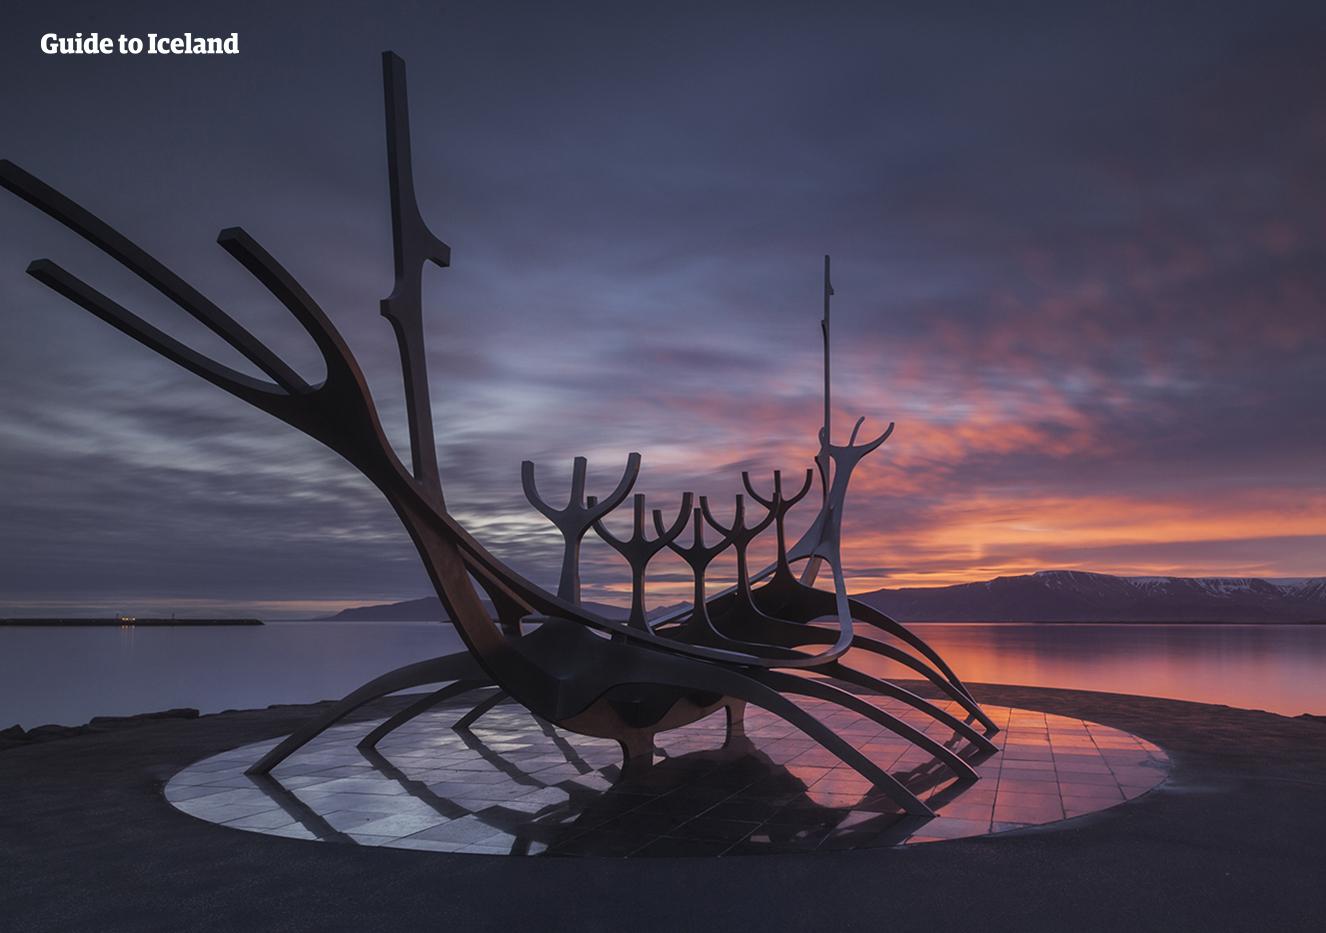 Reykjavík er en by med kunst og skulpturer, hvoraf Solfærden er den mest berømte.